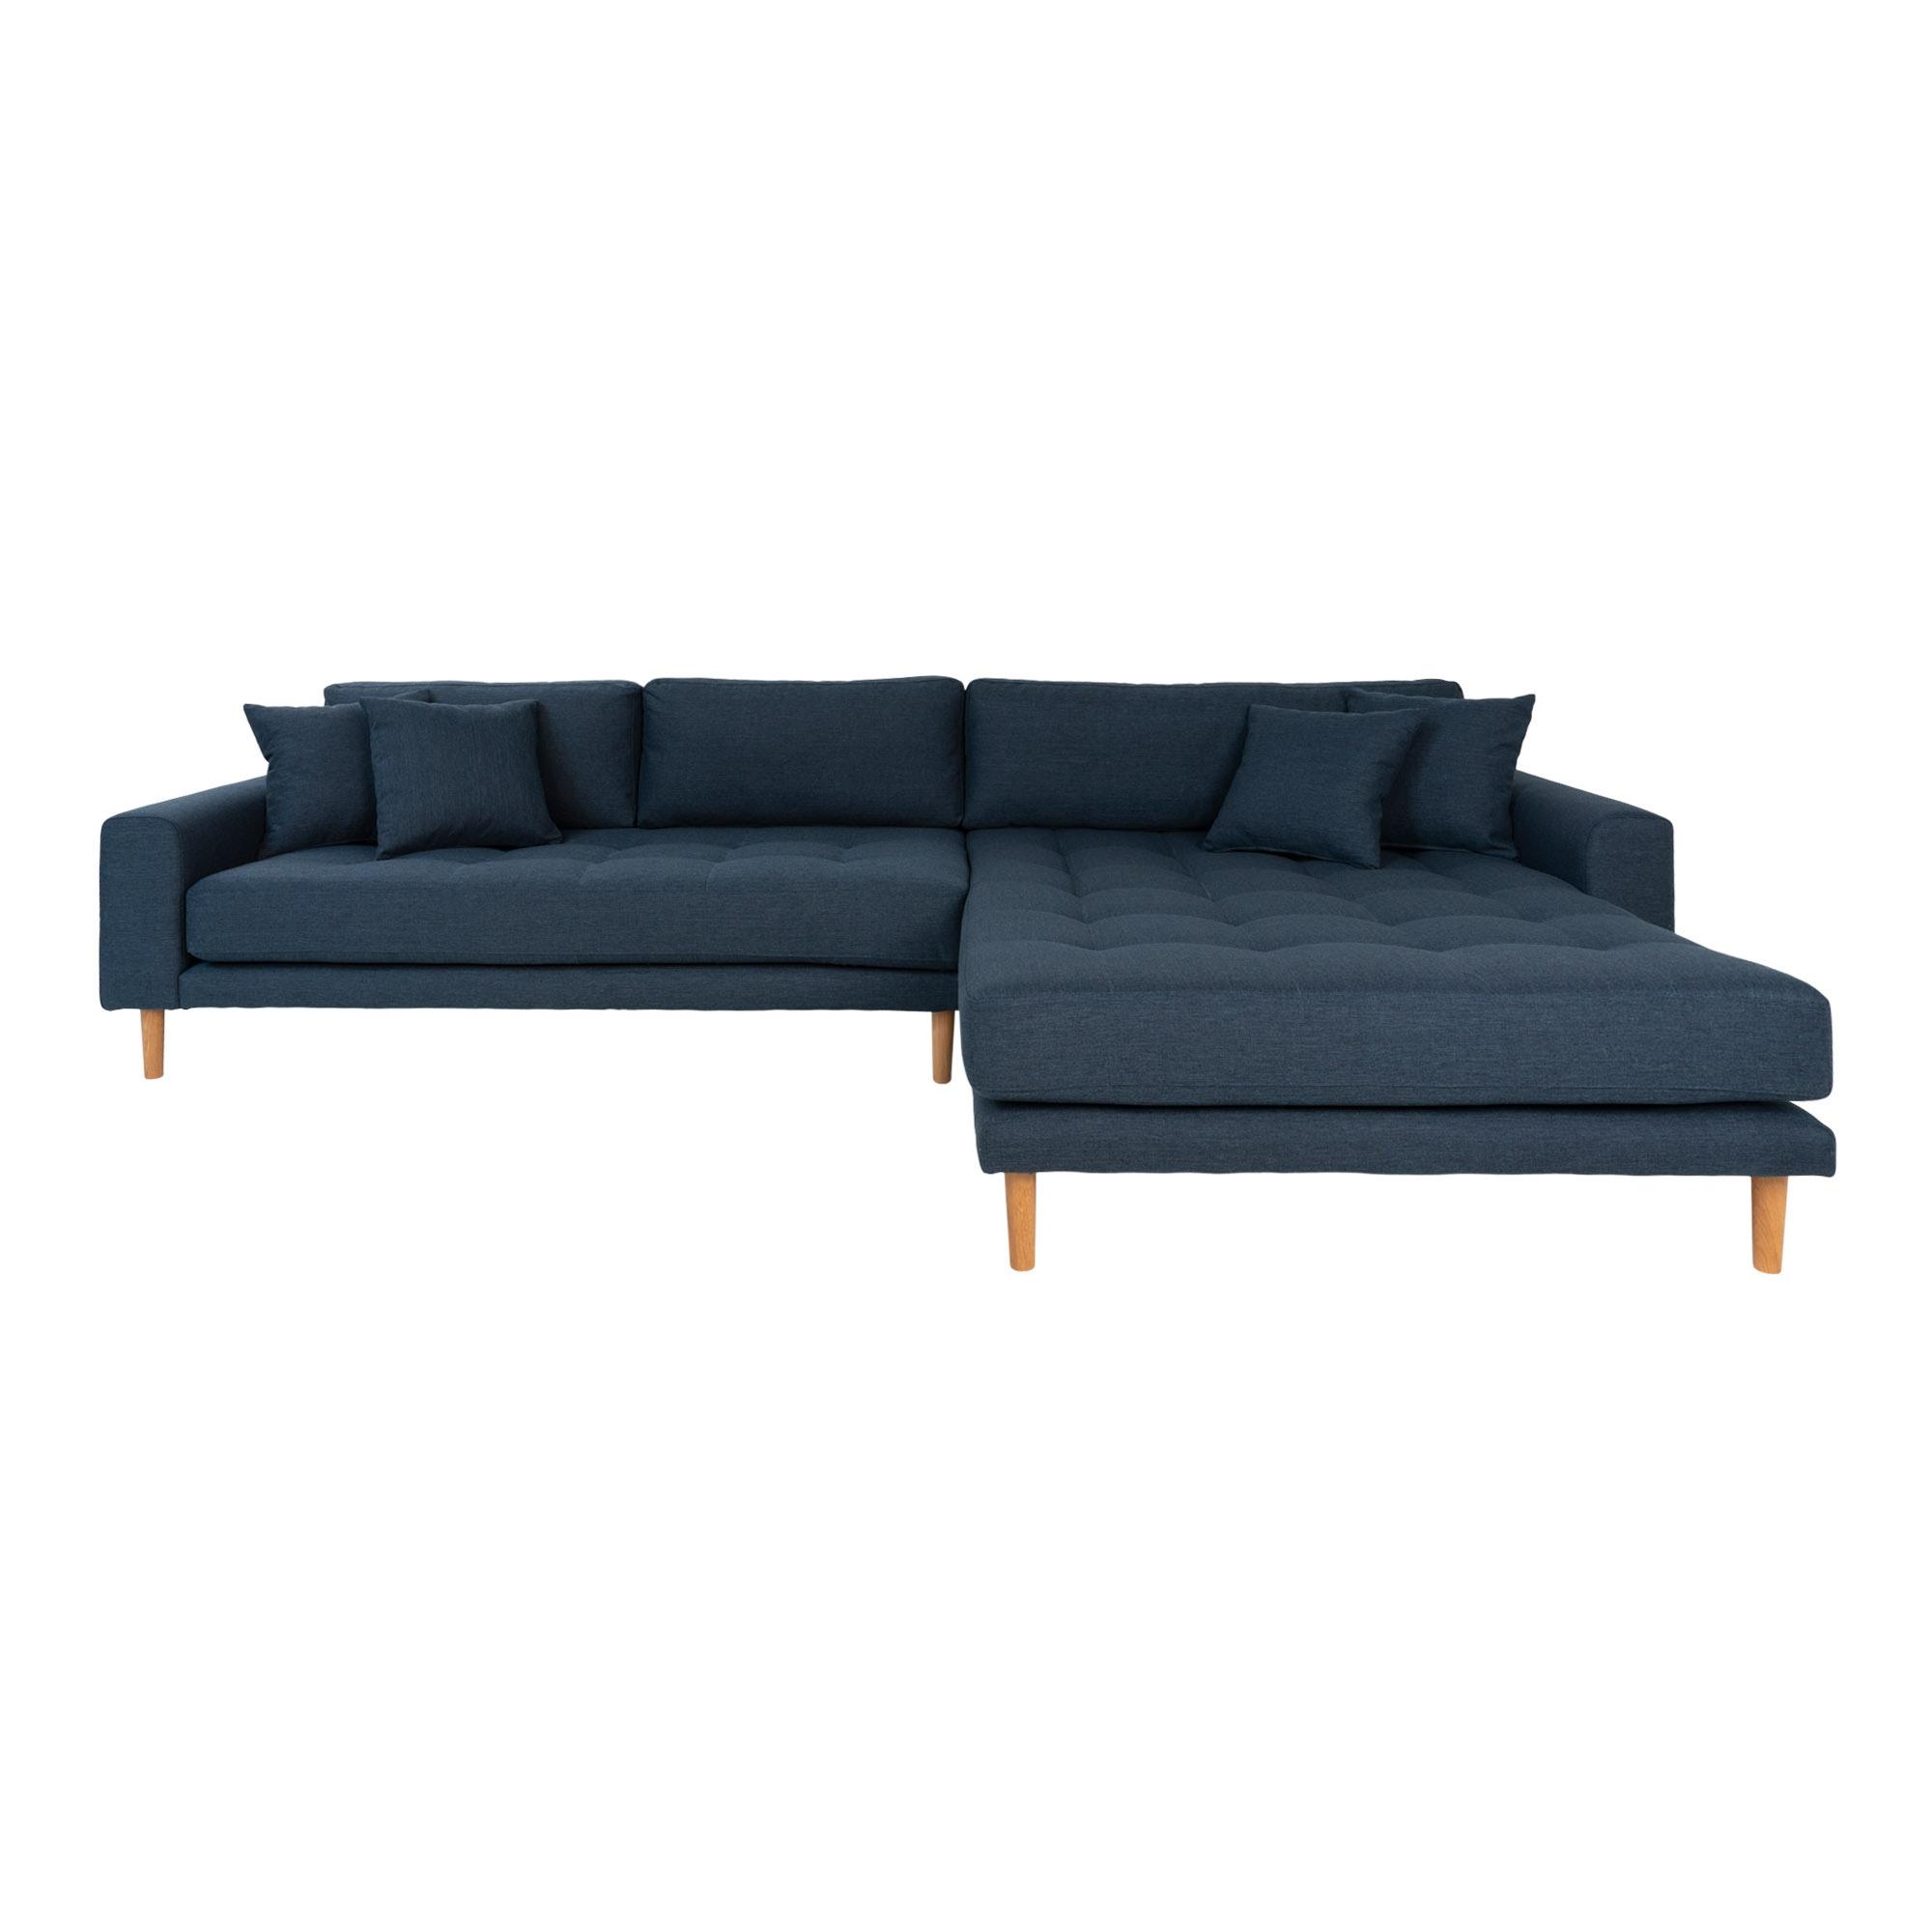 HOUSE NORDIC Lido sofa, m. højrevendt chaiselong - mørkeblå polyester